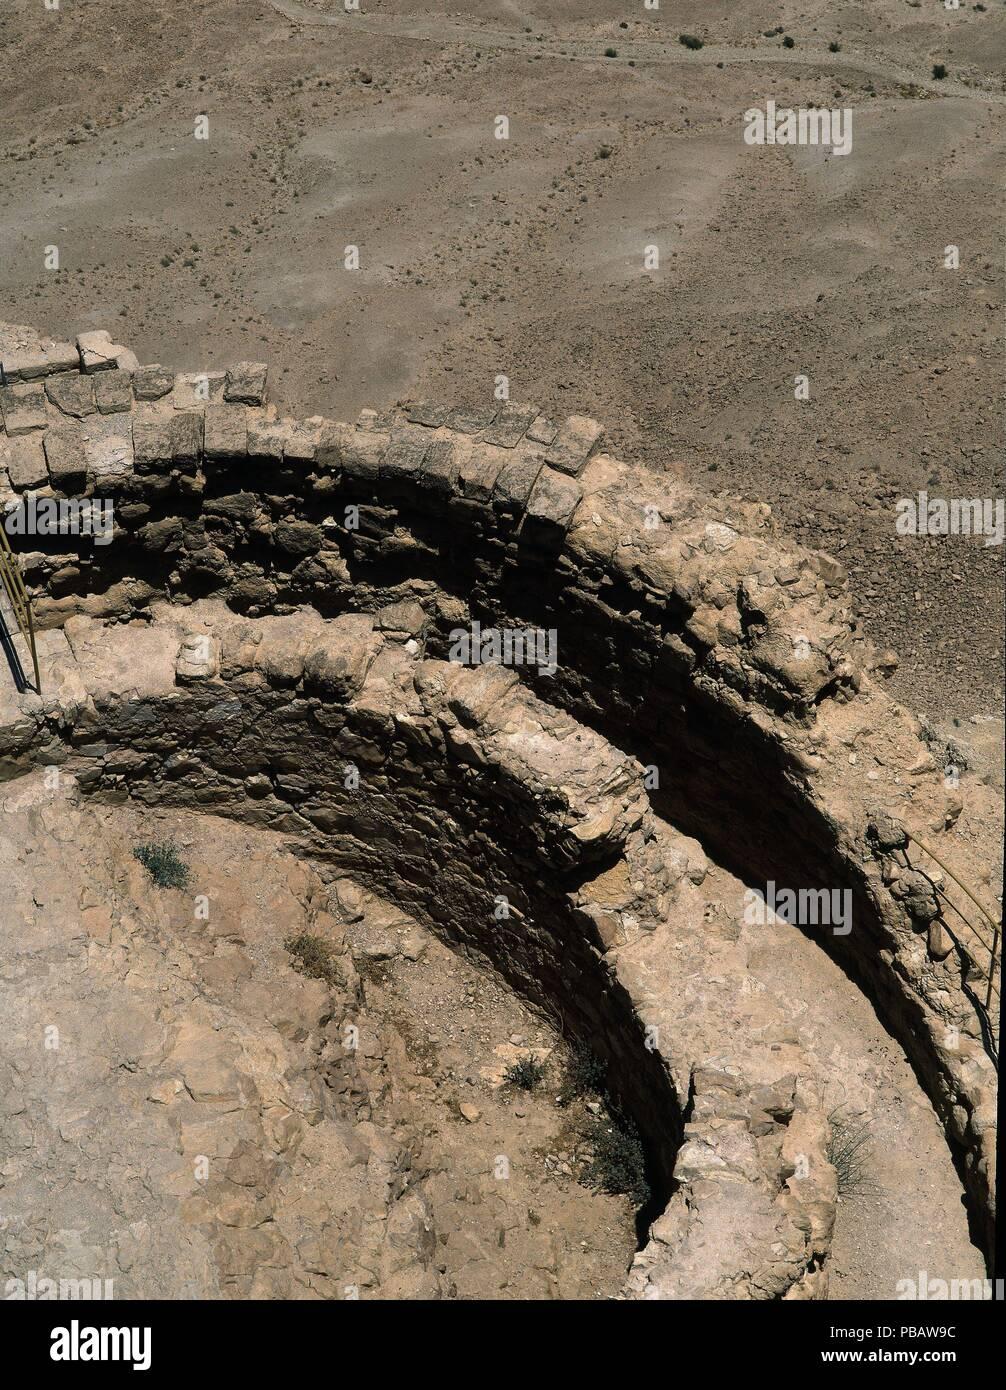 DET-RESTOS DE TORREON EN LA MURALLA-CIUDAD FORTIFICADA EN EL AÑO 100 AC. Location: EXTERIOR, MASADA, ISRAEL. - Stock Image